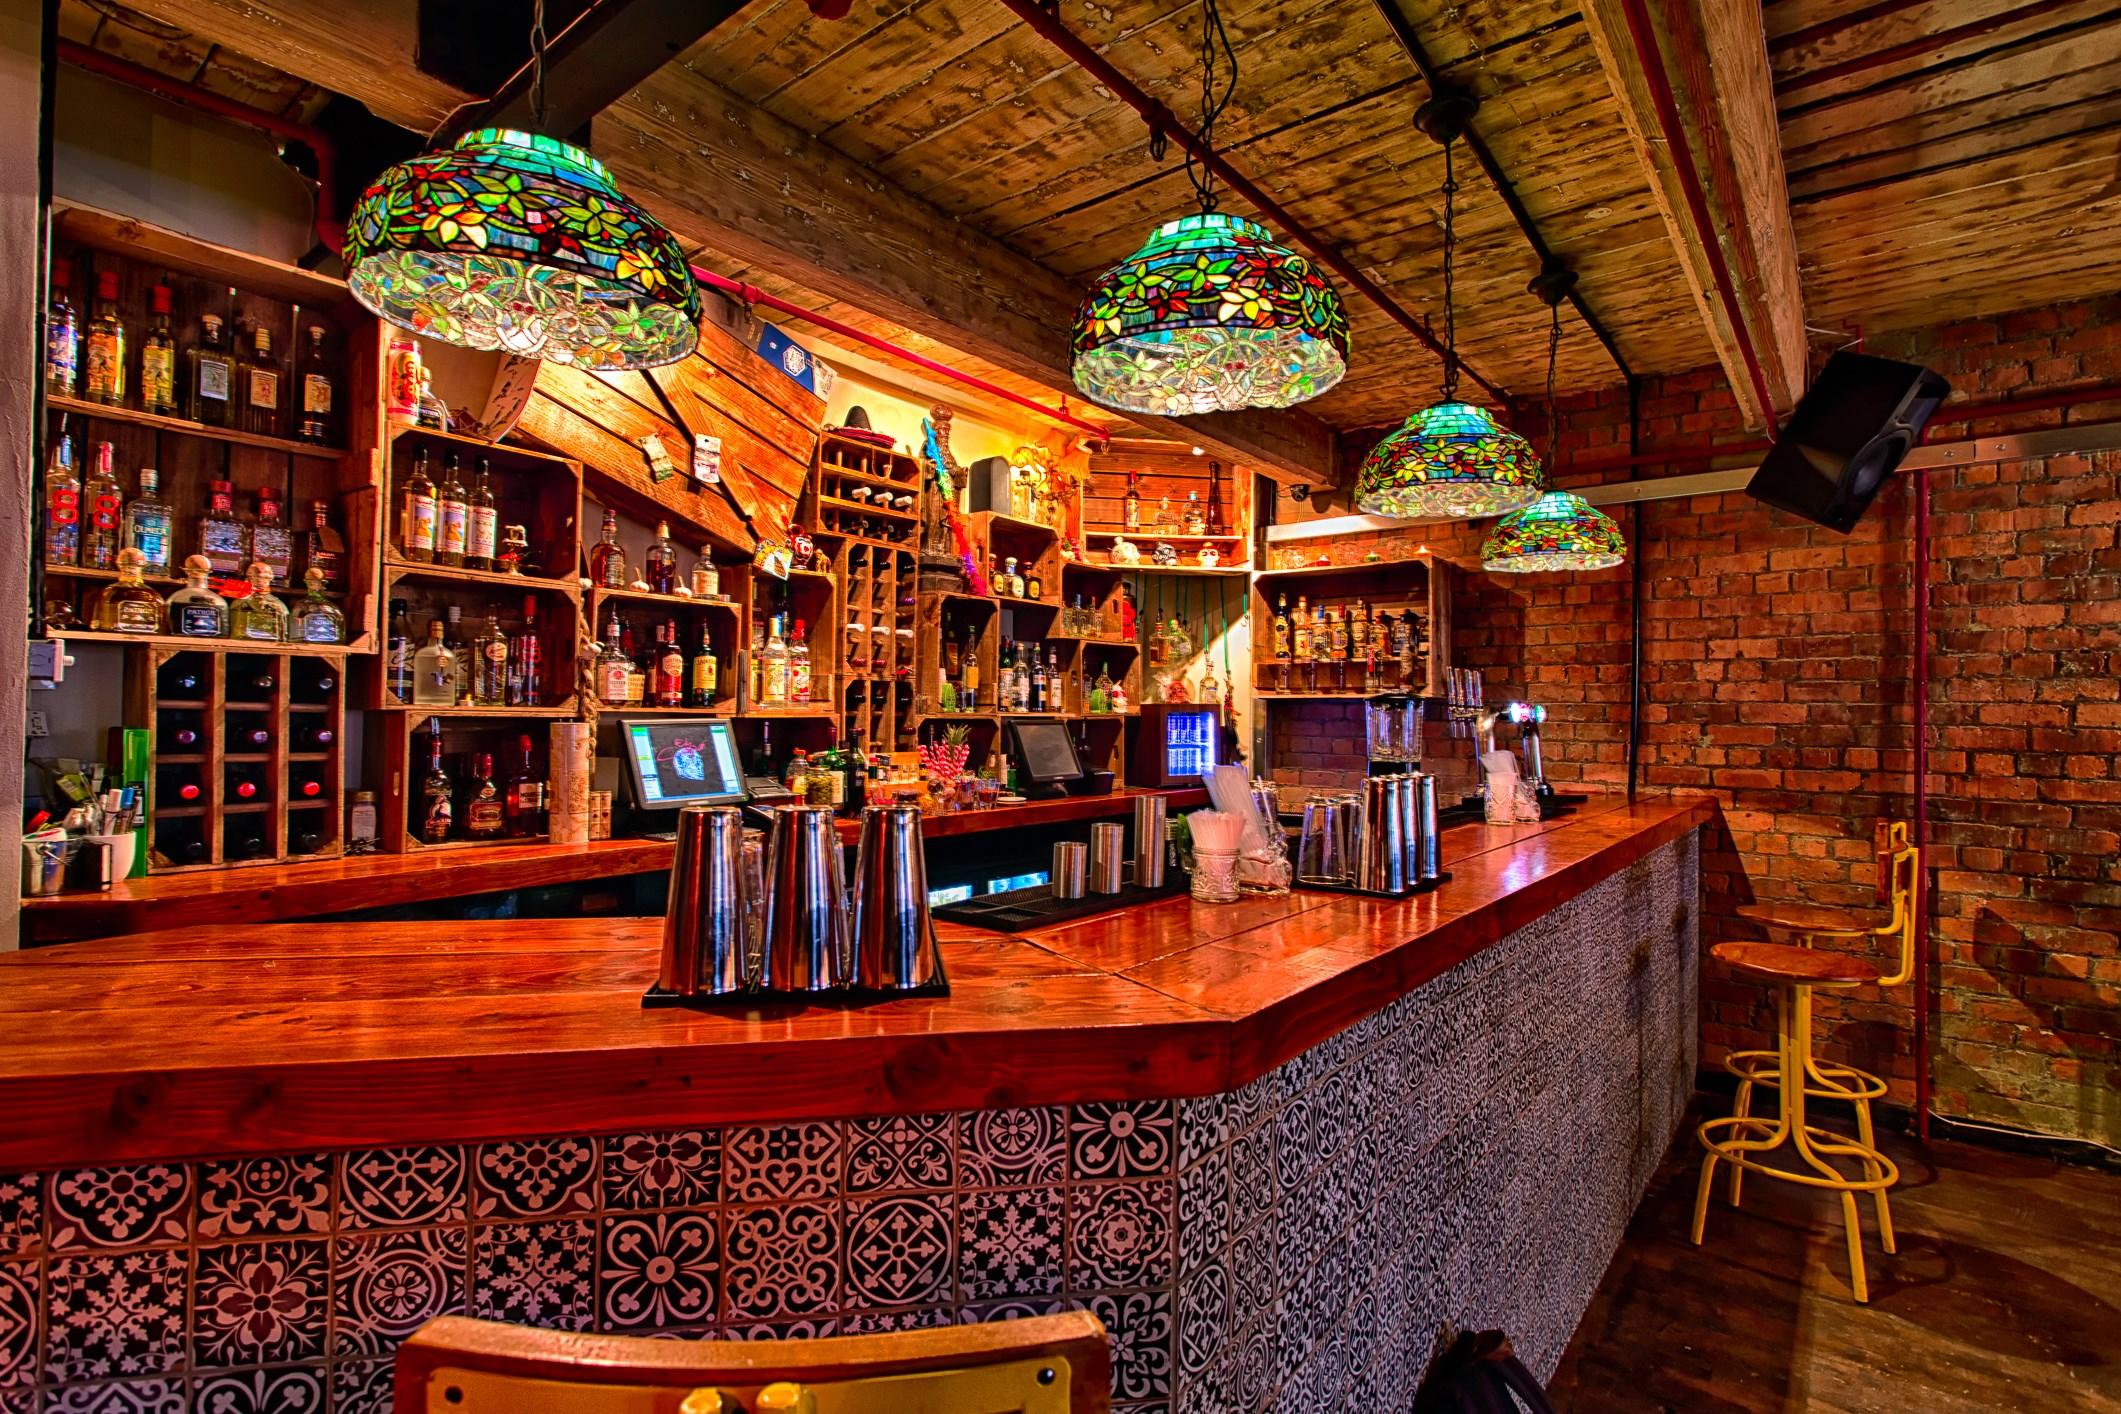 La Cantina Coyote Cafe